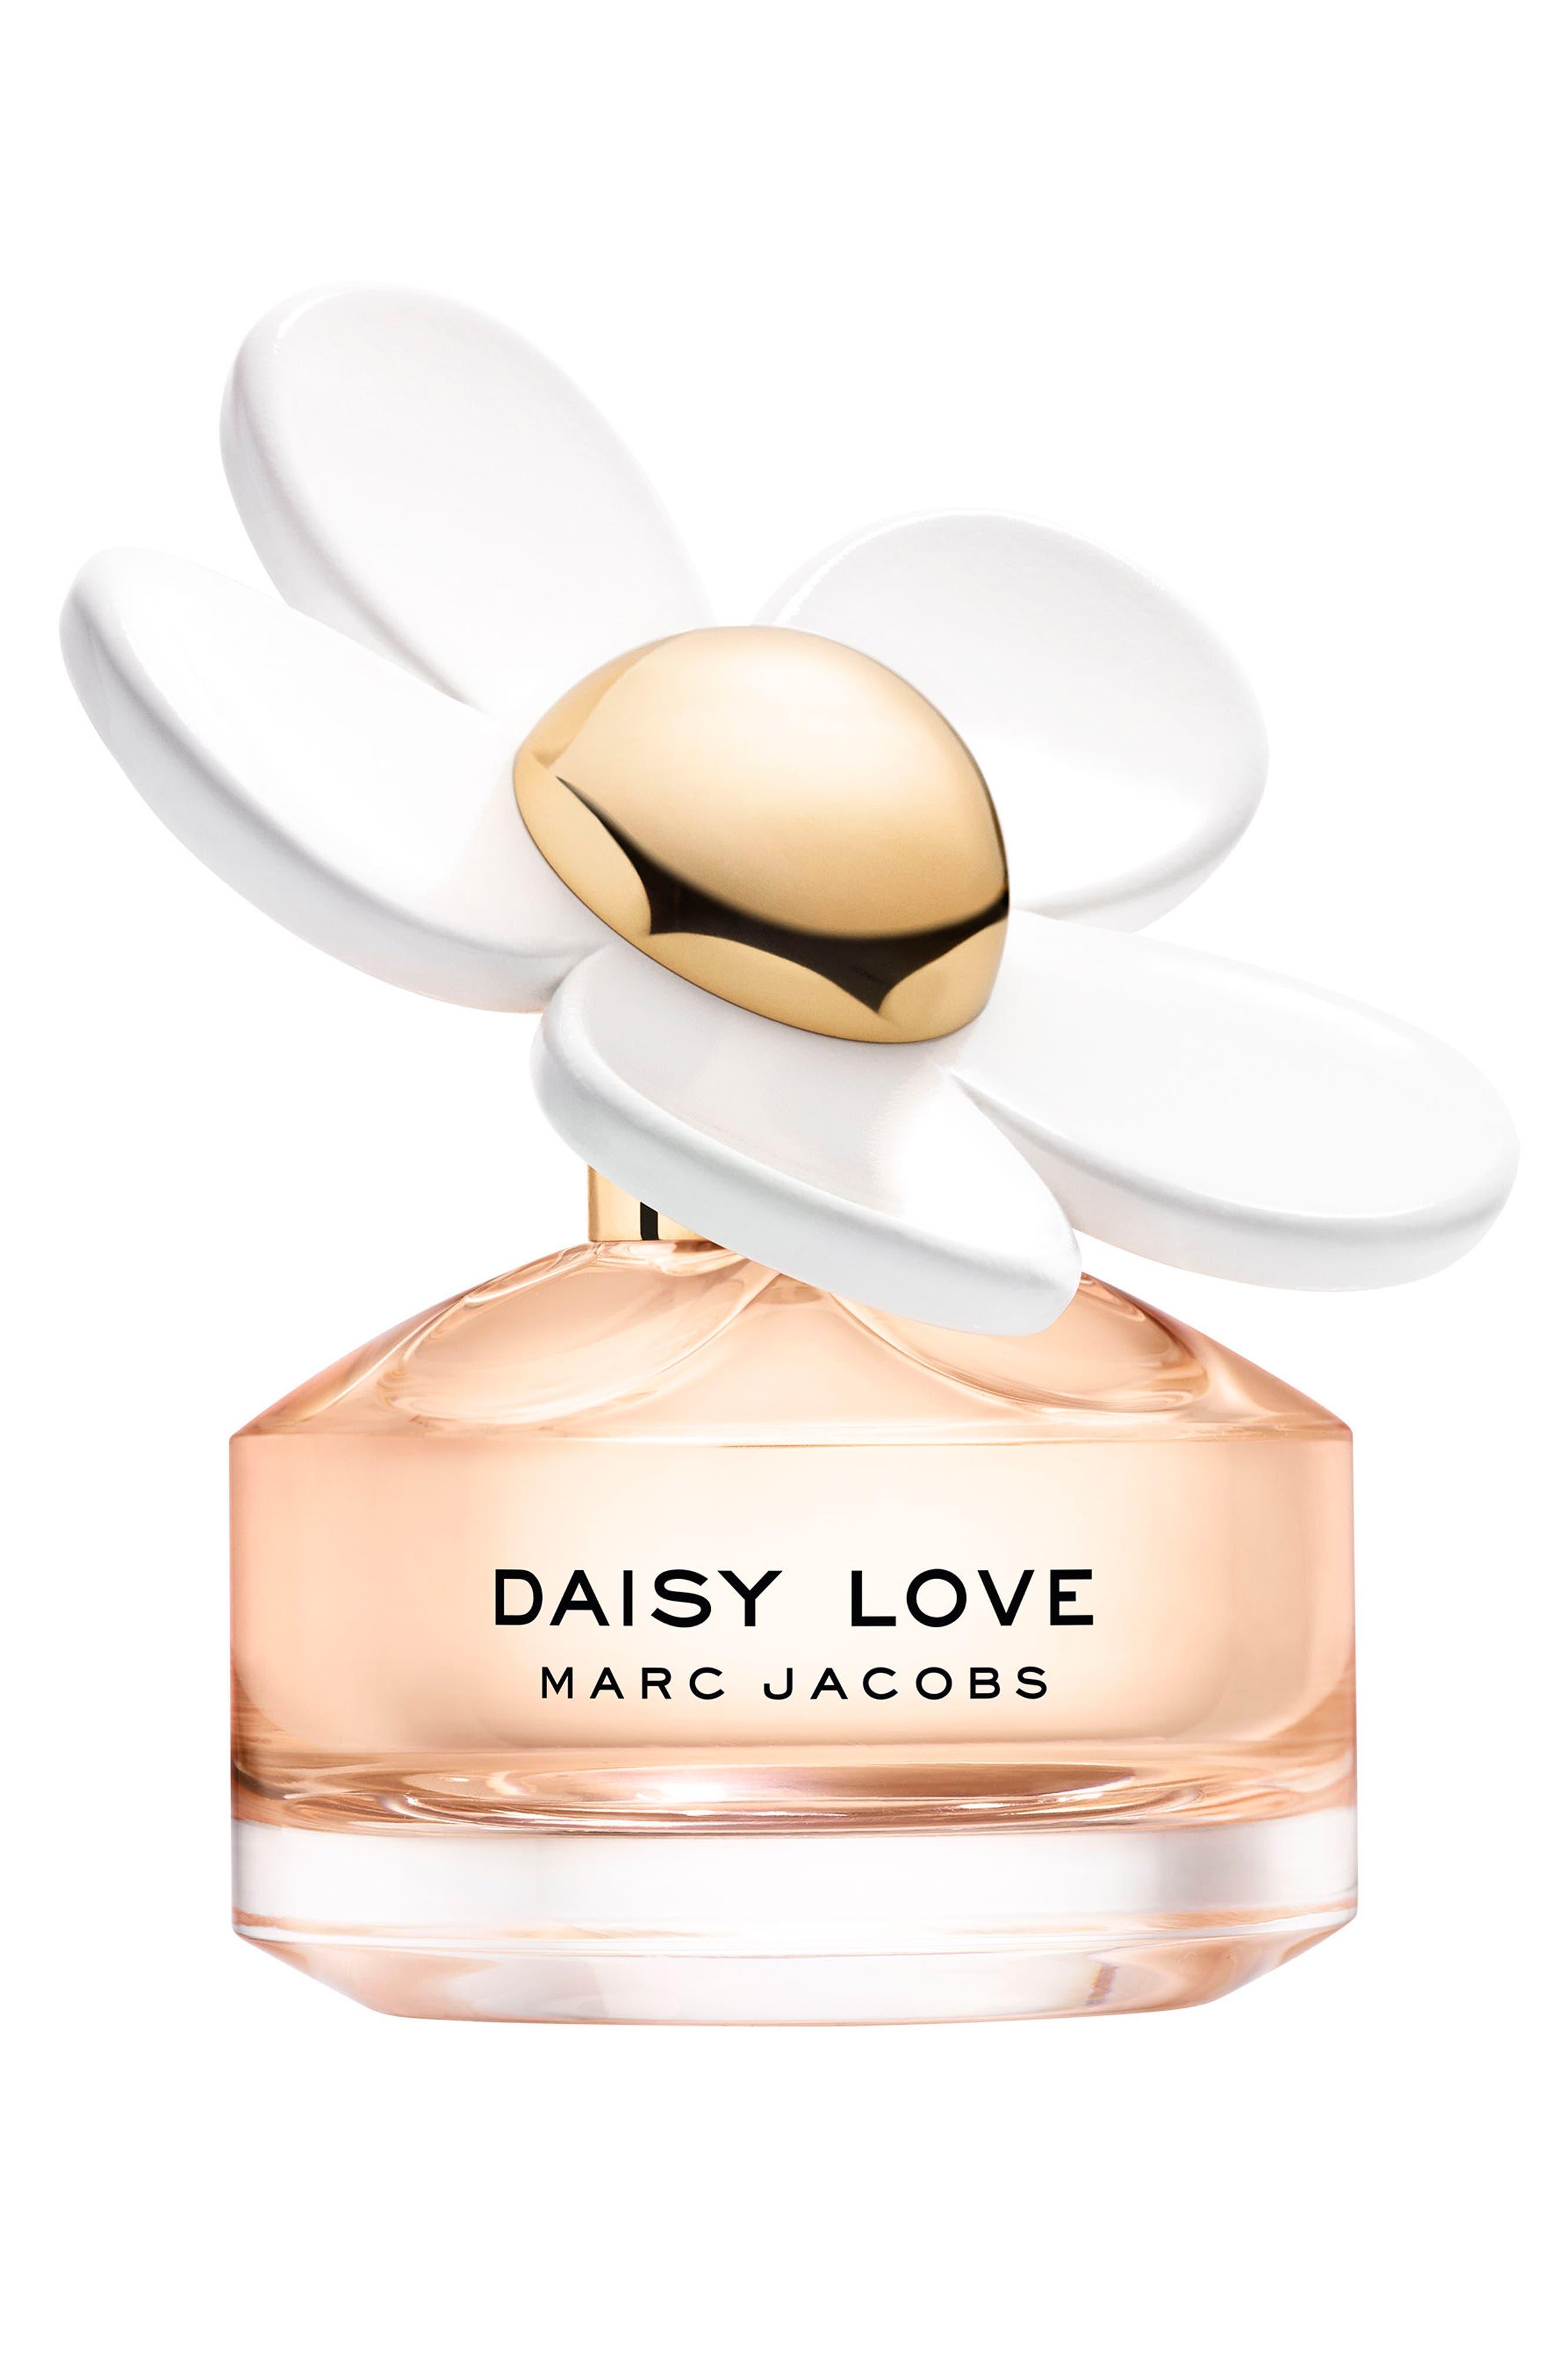 Daisy Love Eau de Toilette,                             Main thumbnail 1, color,                             No Color